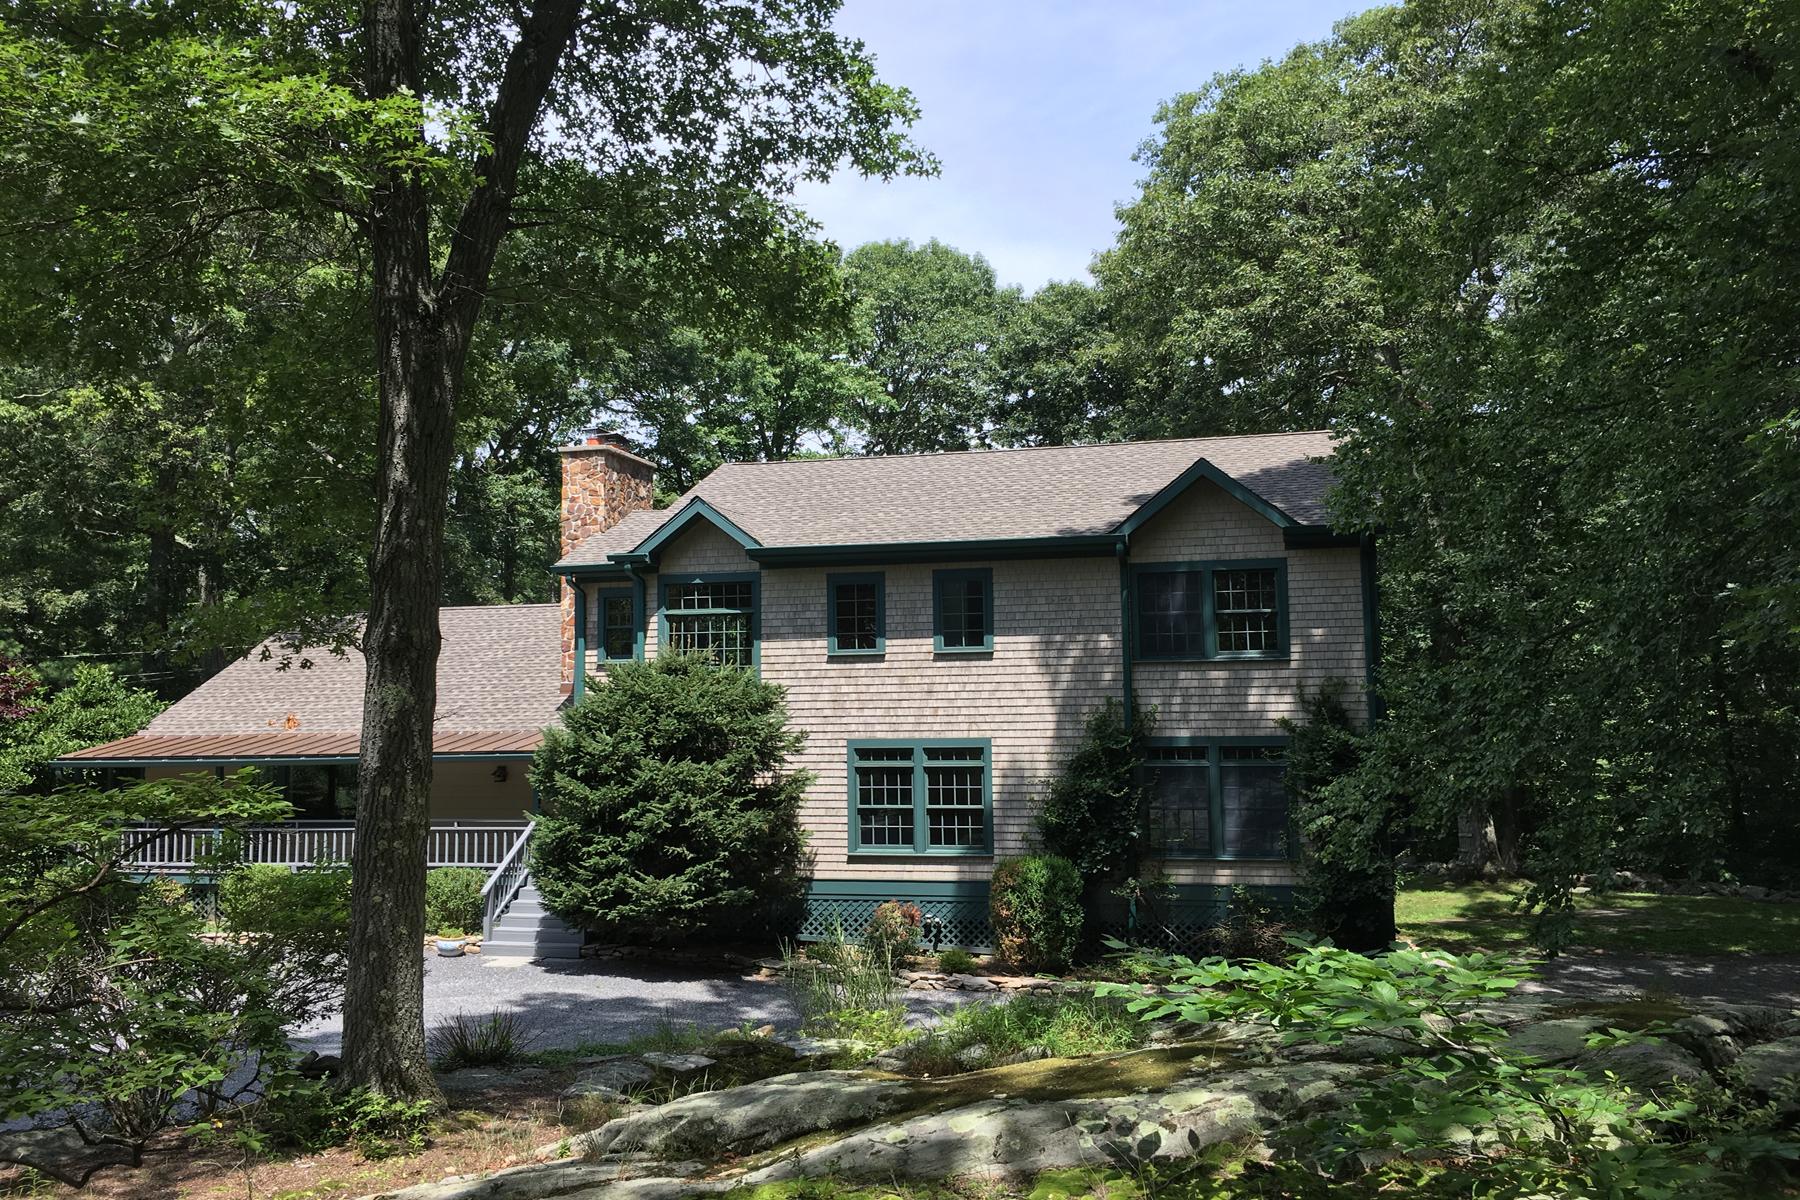 Maison unifamiliale pour l Vente à Country Farmhouse 11 Kinnicut Road East Pound Ridge, New York 10576 États-Unis